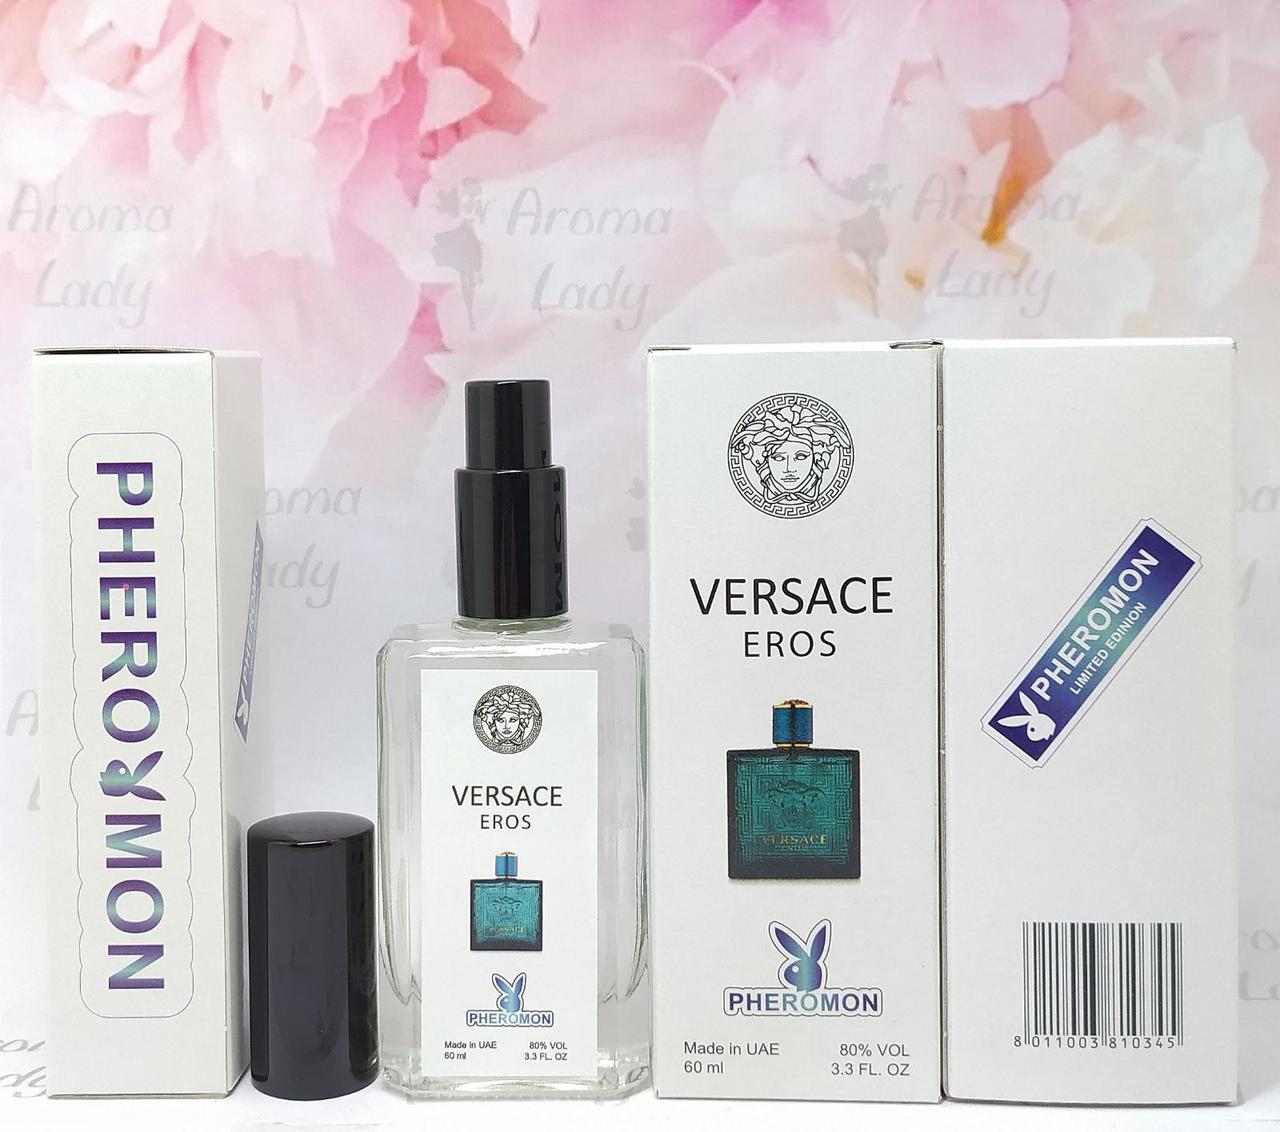 Мужской аромат Versace Eros (Версаче Эрос) с феромонами 60 мл